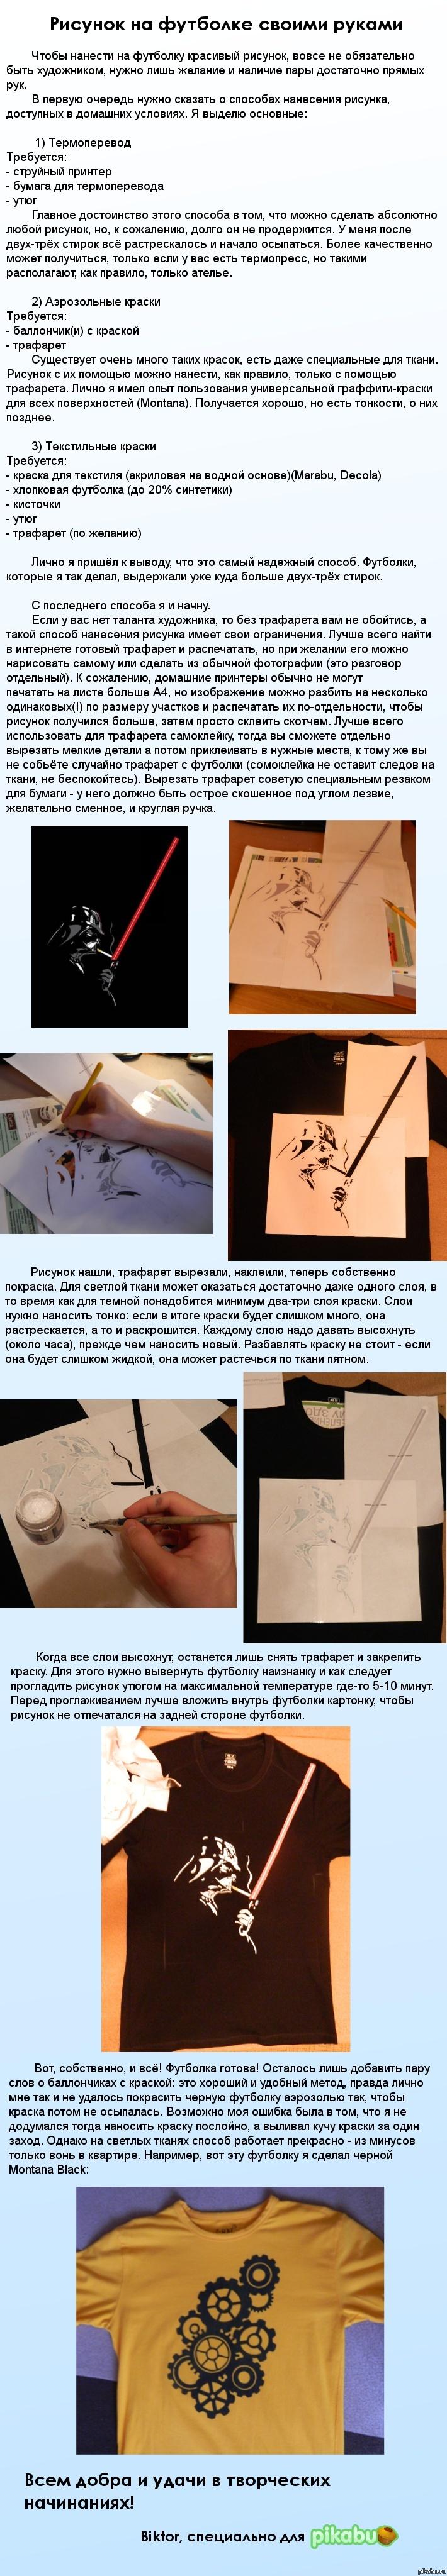 Как наносить рисунки на футболки своими руками